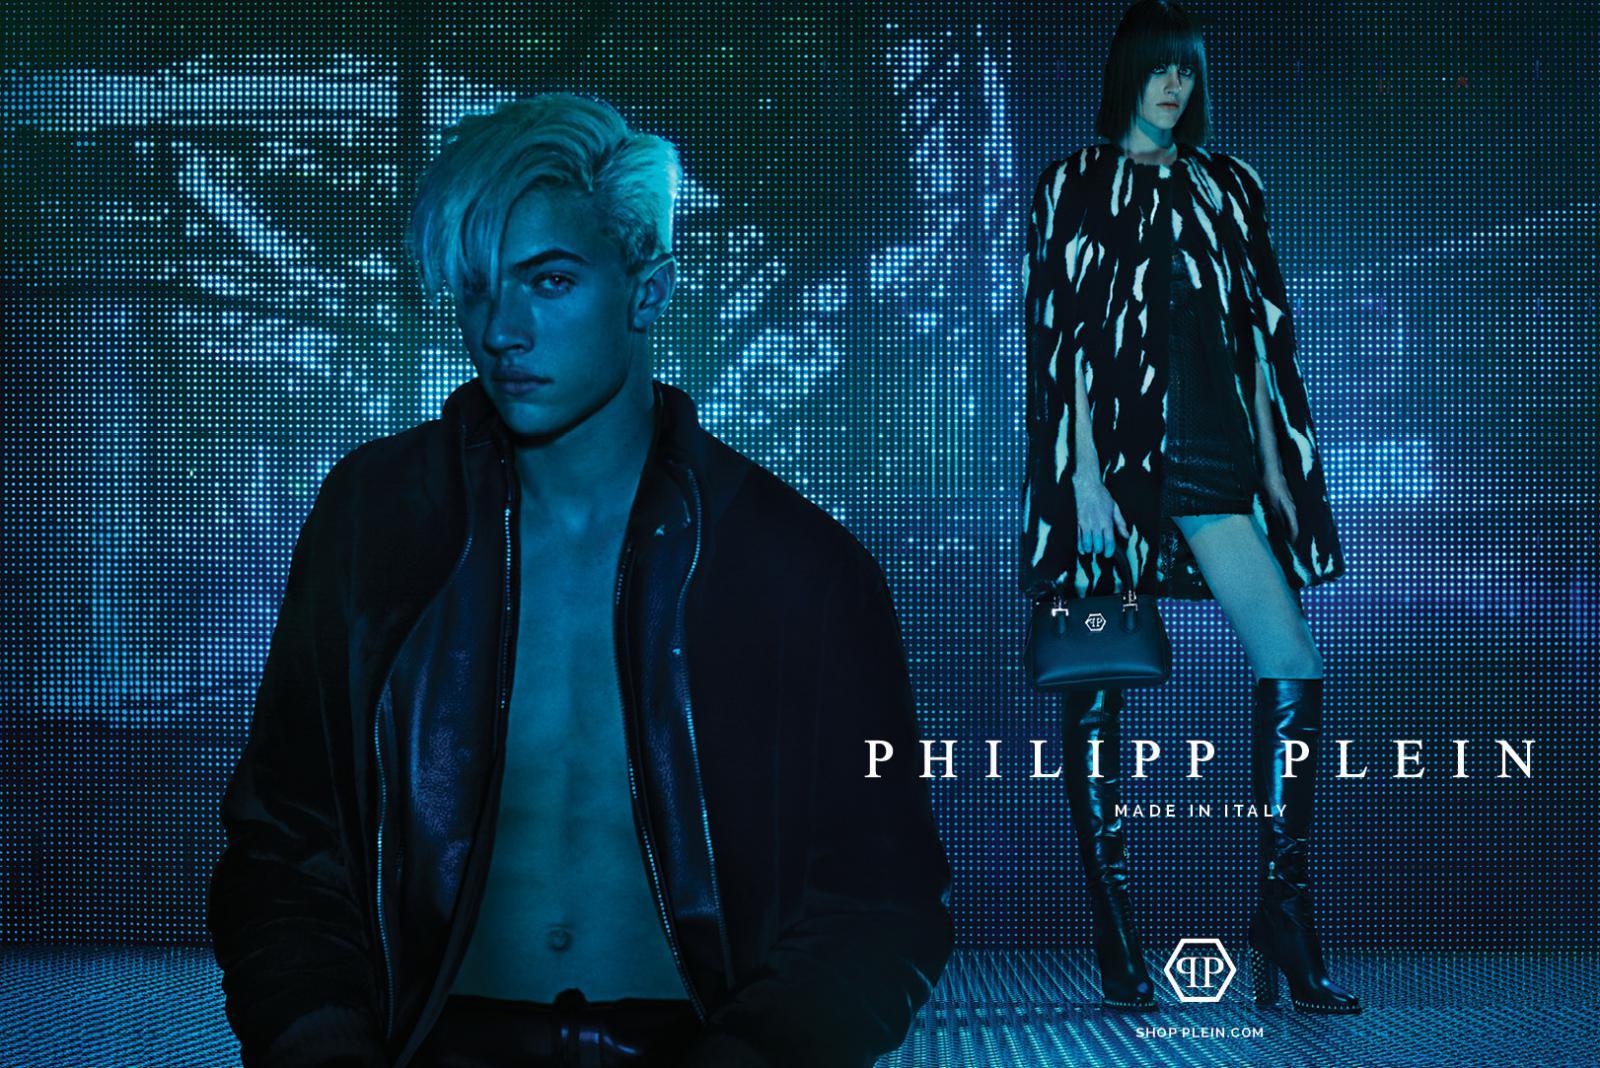 Lucky Blue Smith for Philipp Plein 2015/16